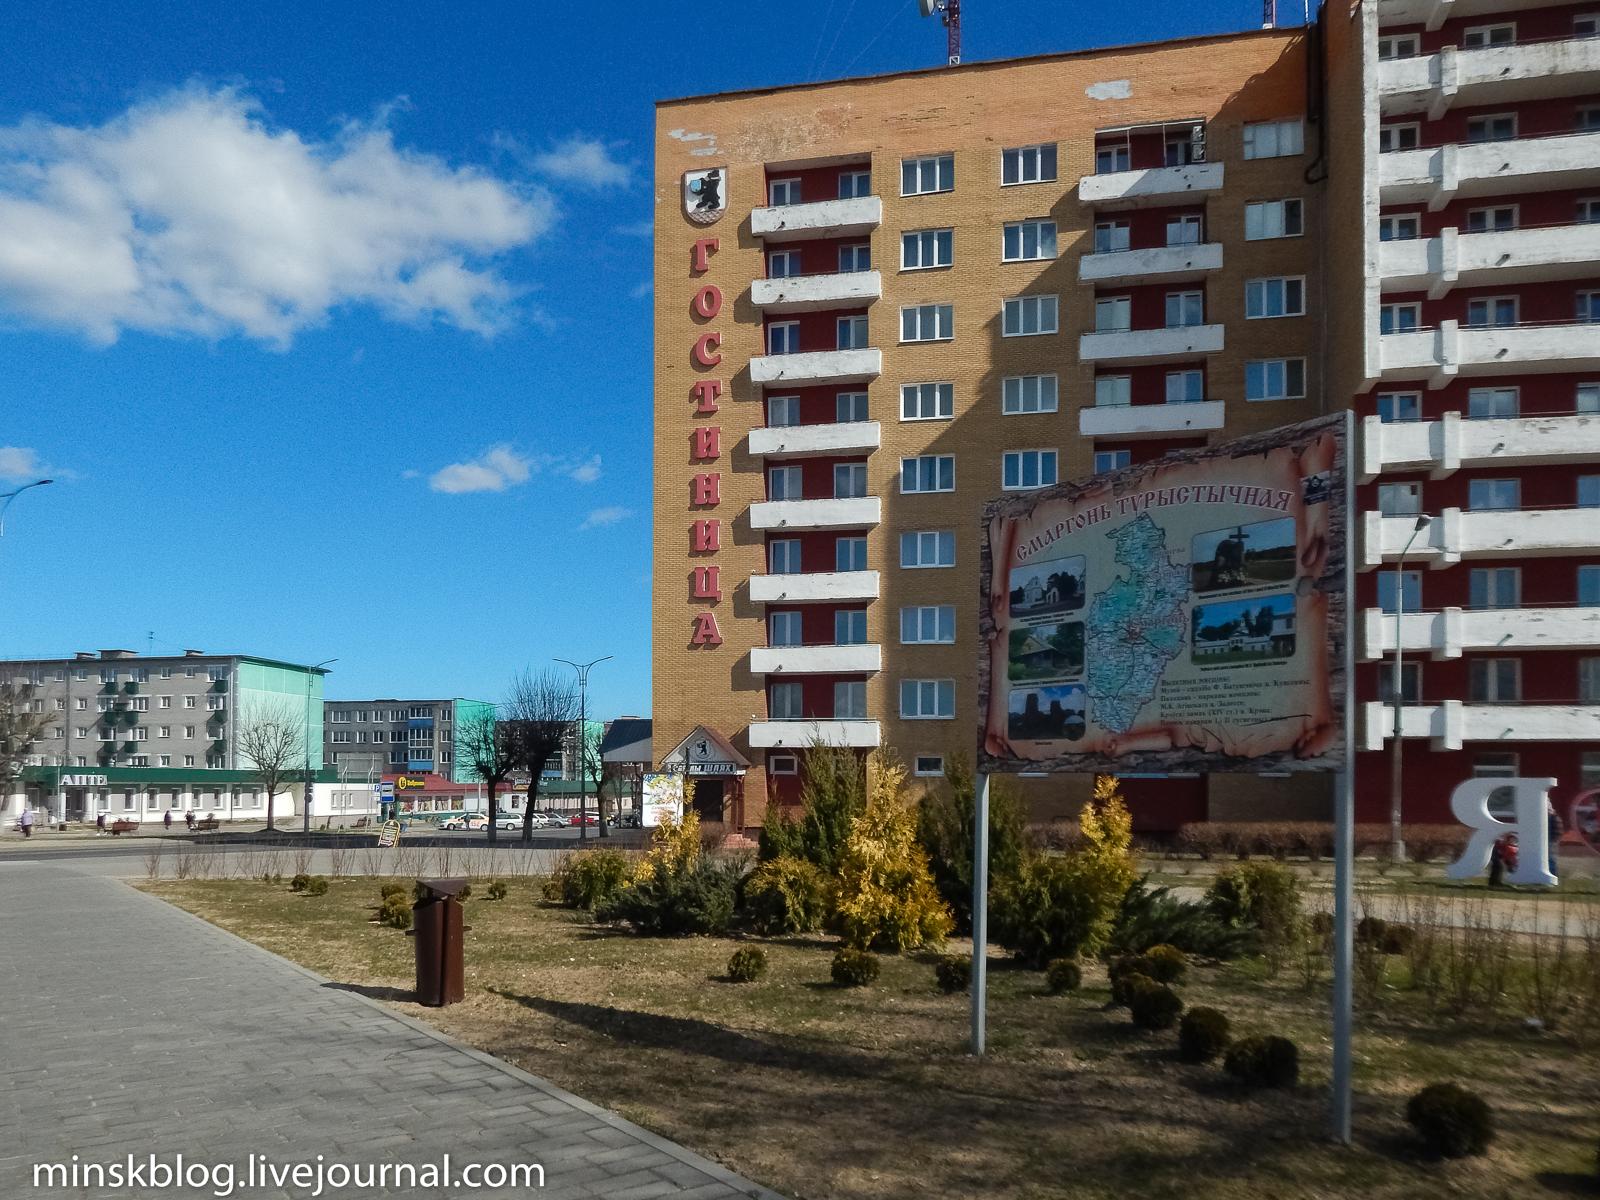 Беларусь: карантина не будет! Путешествую с семьей по западу страны